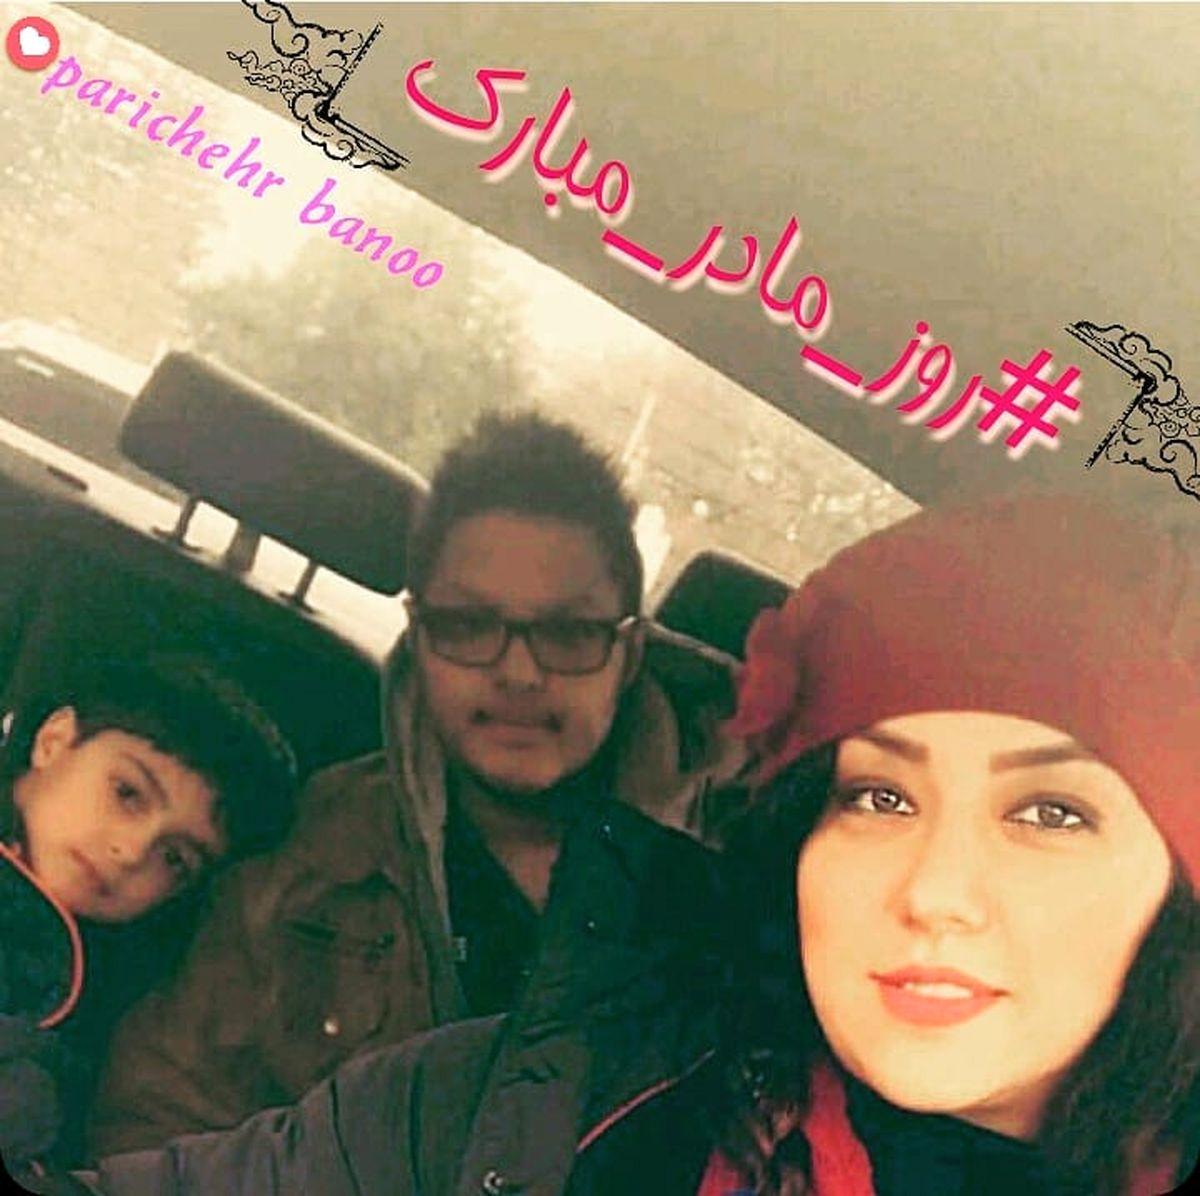 همسر شهاب حسینی با چند پسر خوشتیپ در ماشین!+عکس